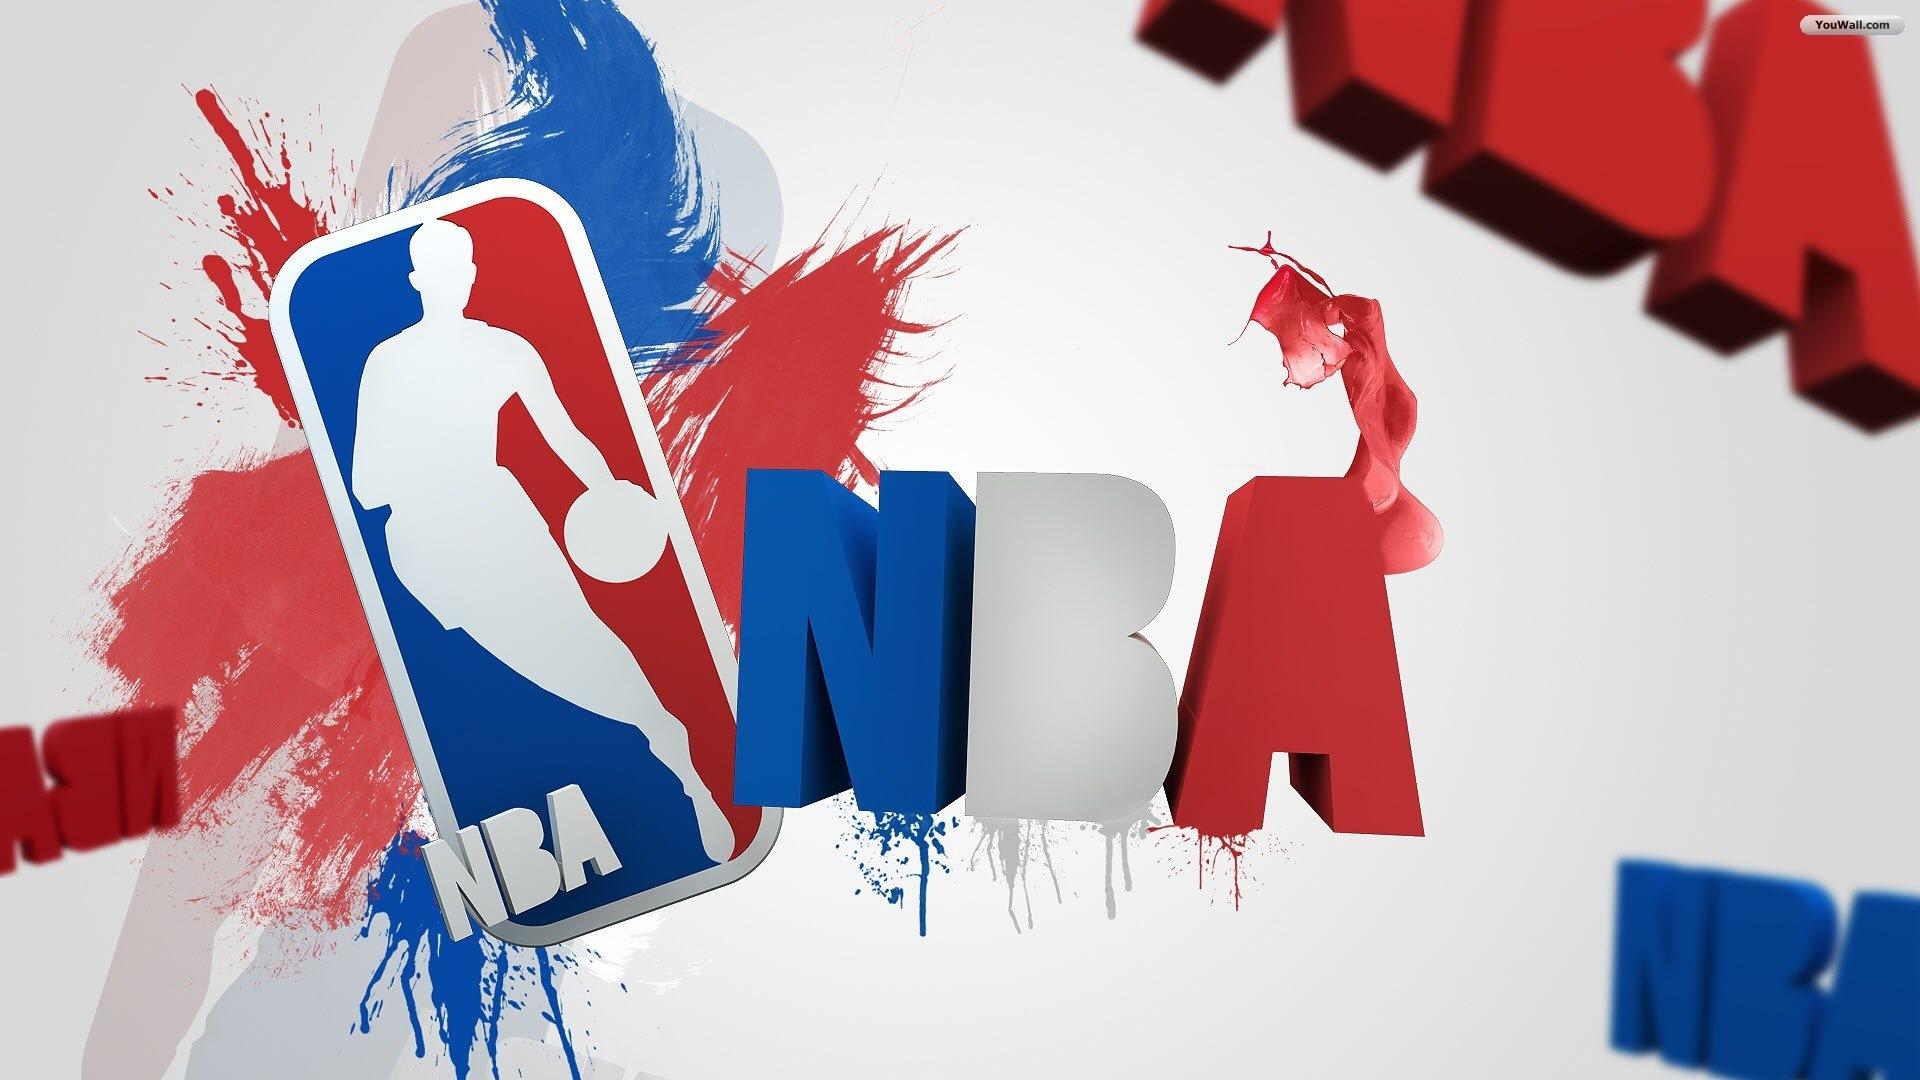 Срещи от редовния сезон в националната баскетболна лига (НБА) на